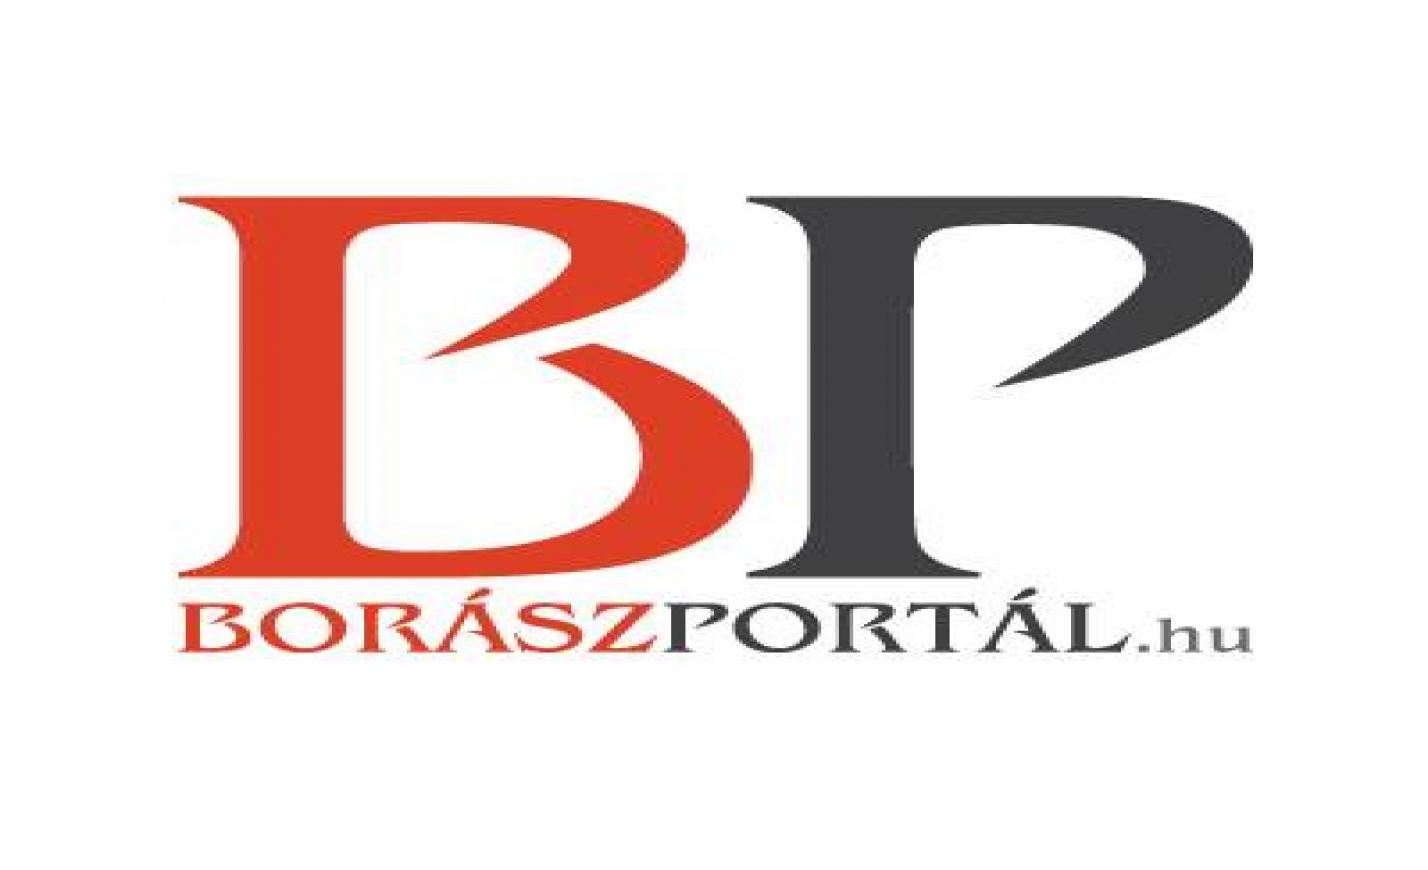 Német sörfesztivállal zárul Budapesten a foci VB